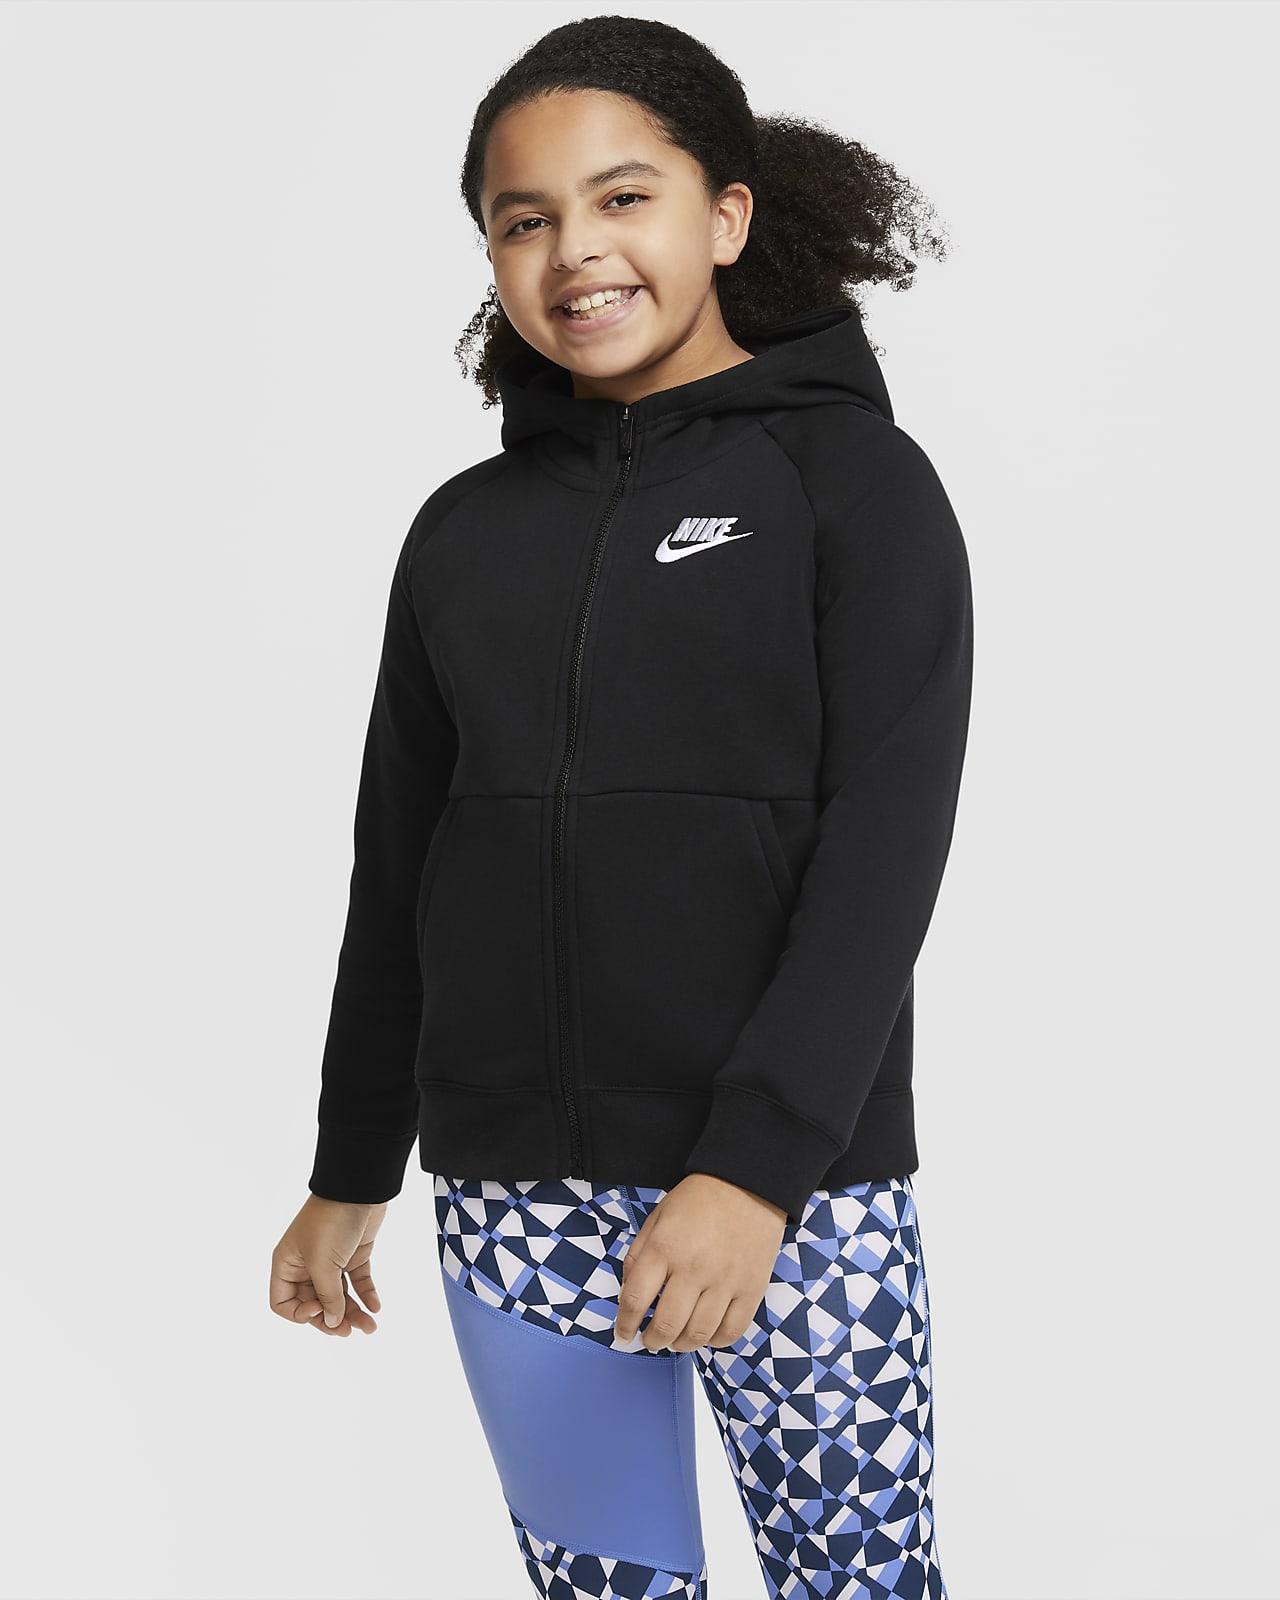 Sweat à capuche et à zip Nike Sportswear pour Fille plus âgée (grande taille)